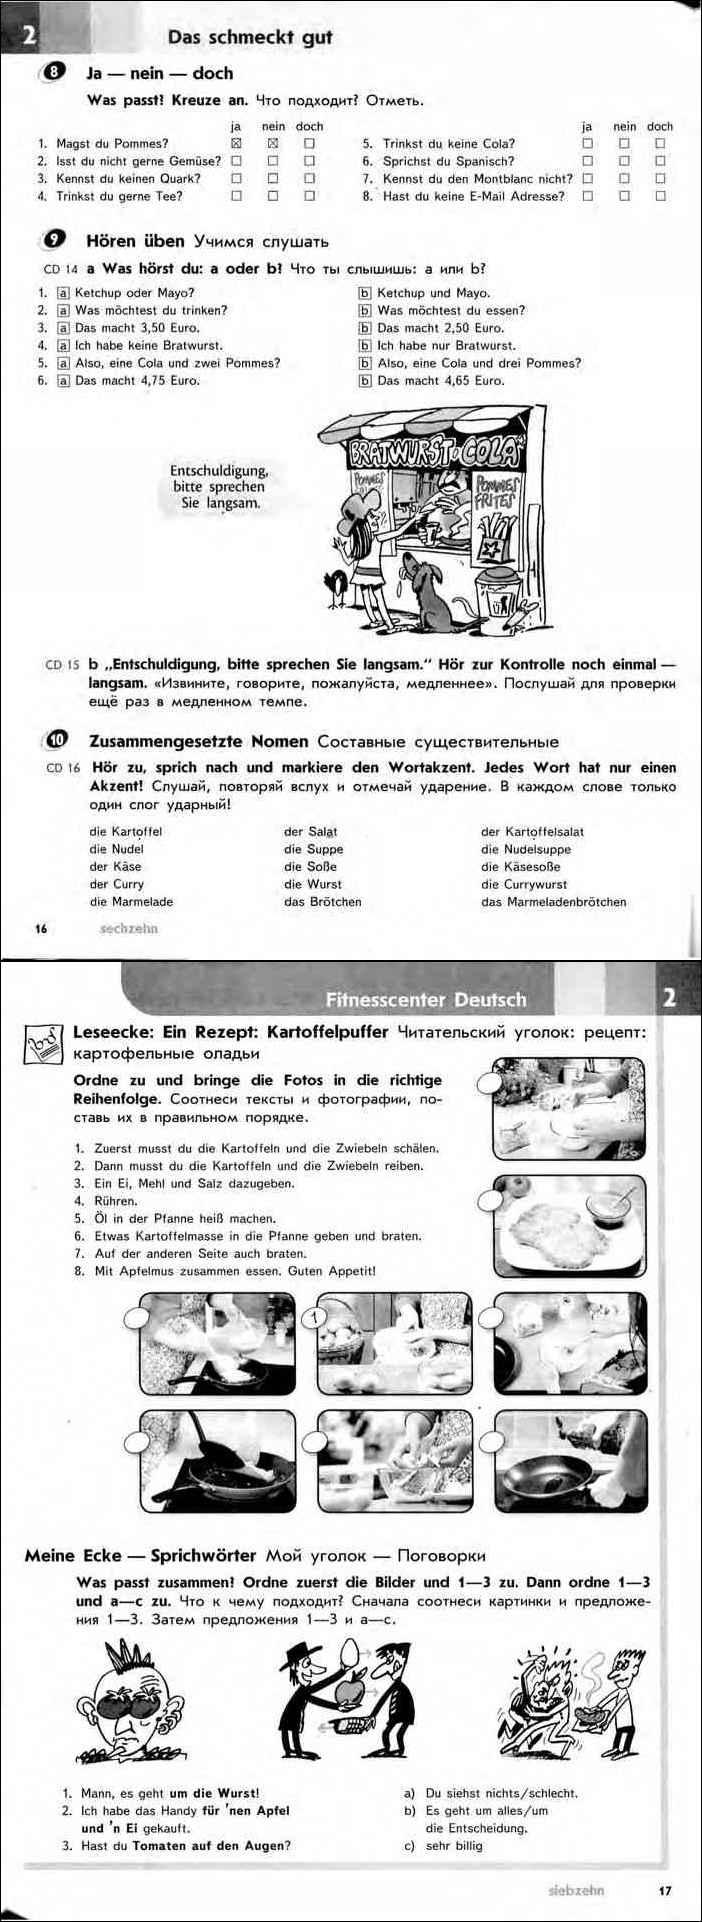 немецкий язык 6 класс горизонты рабочая тетрадь аверин джин